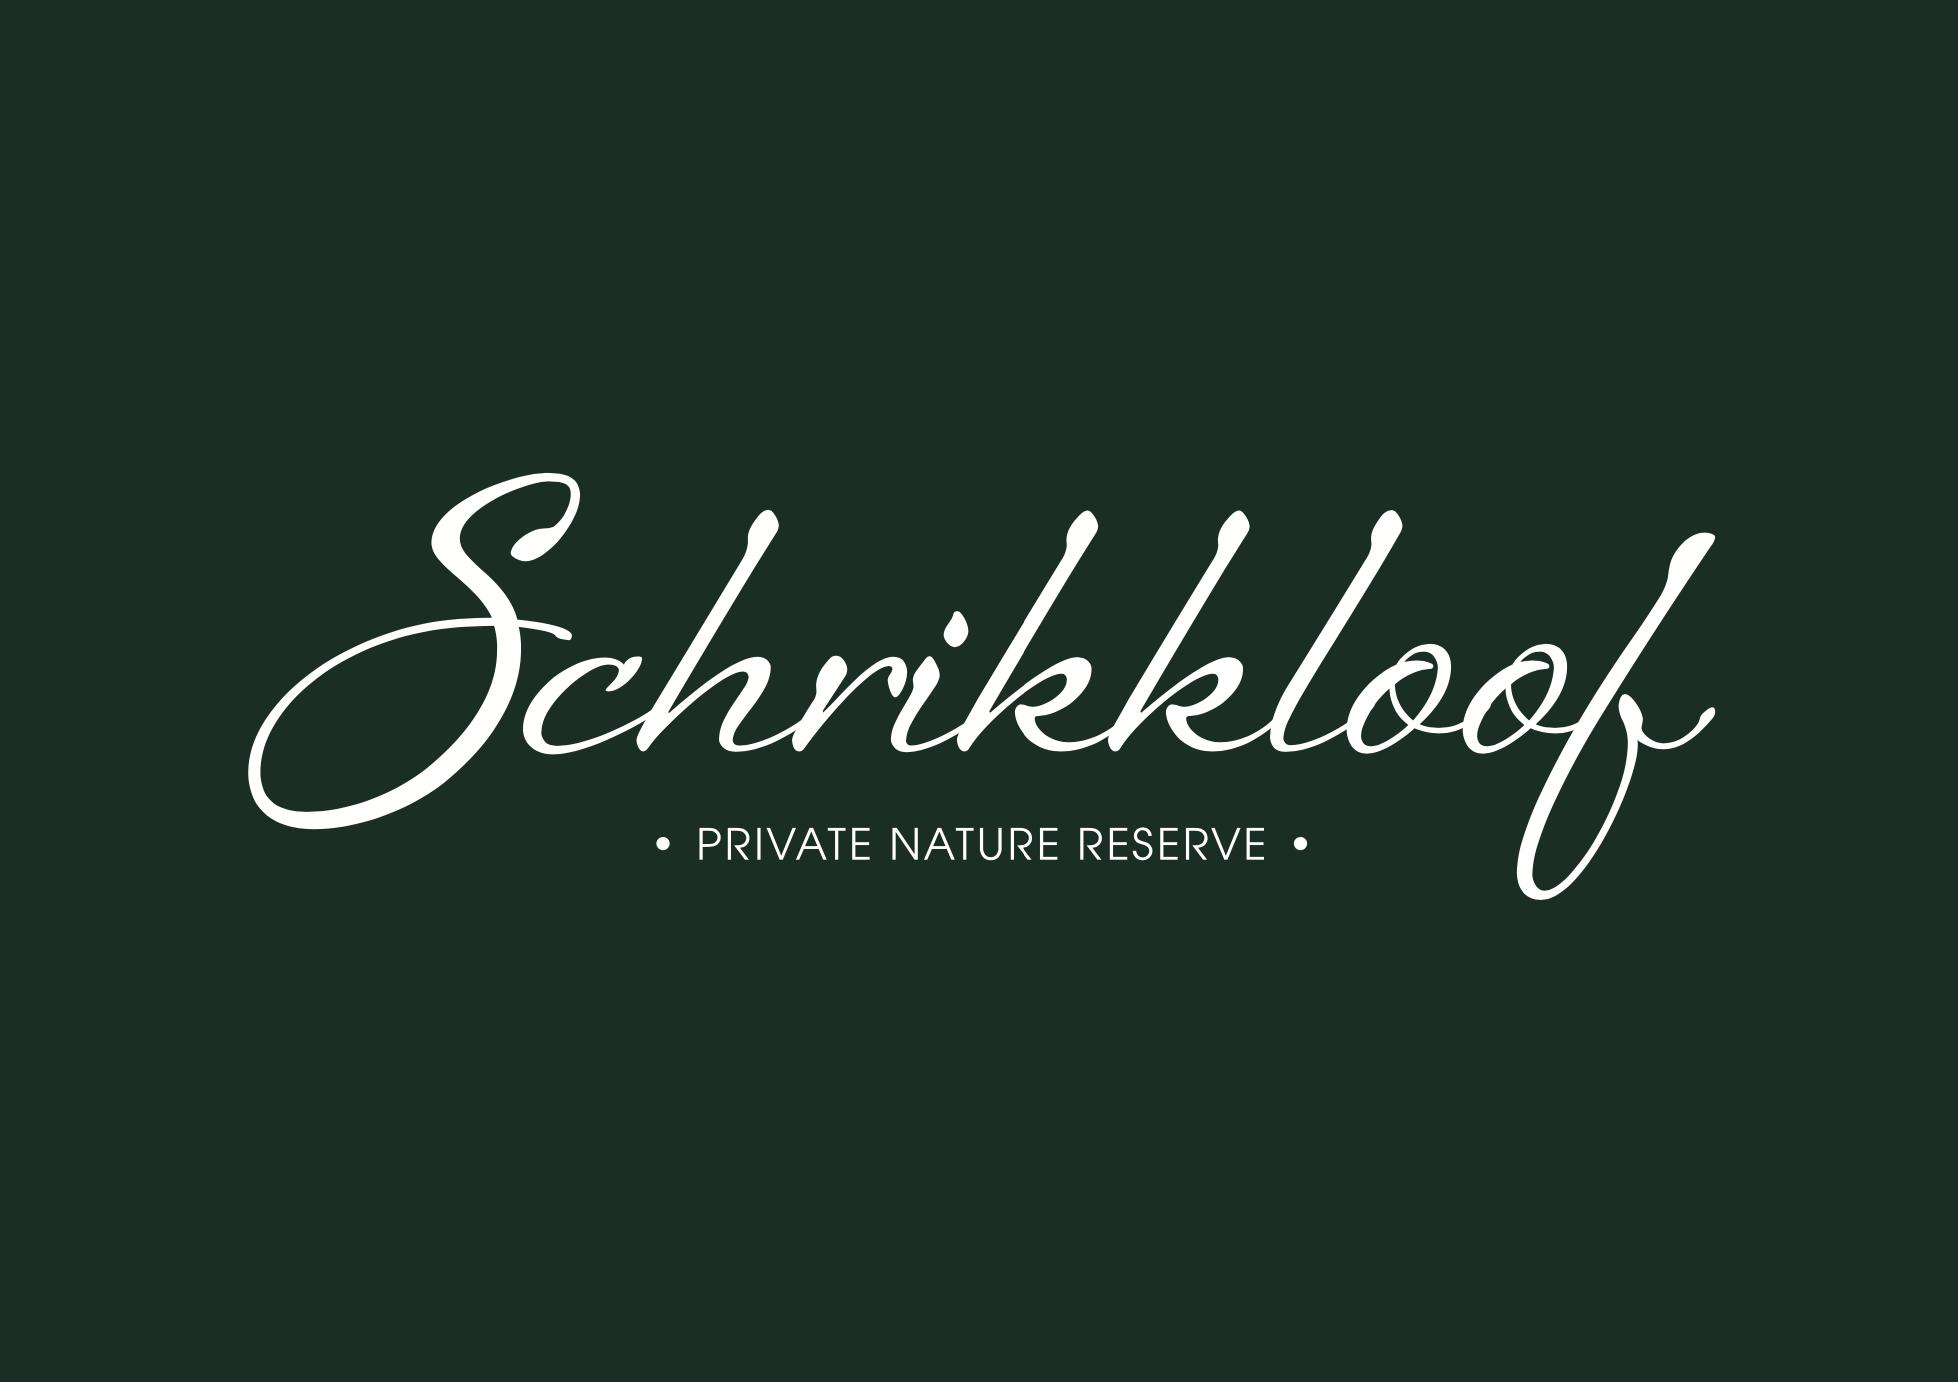 Schrikkloof